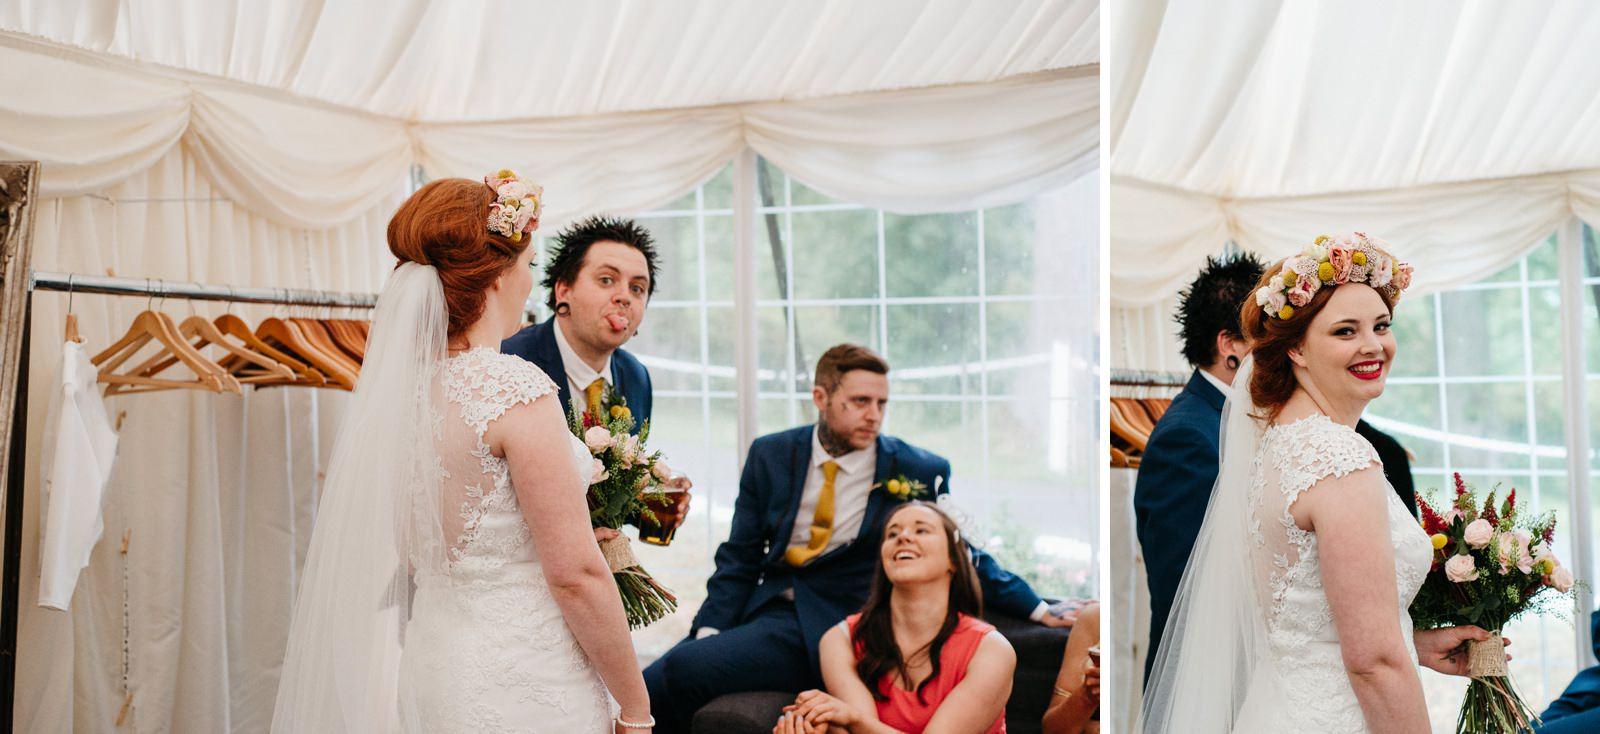 Guests joking around during wedding reception